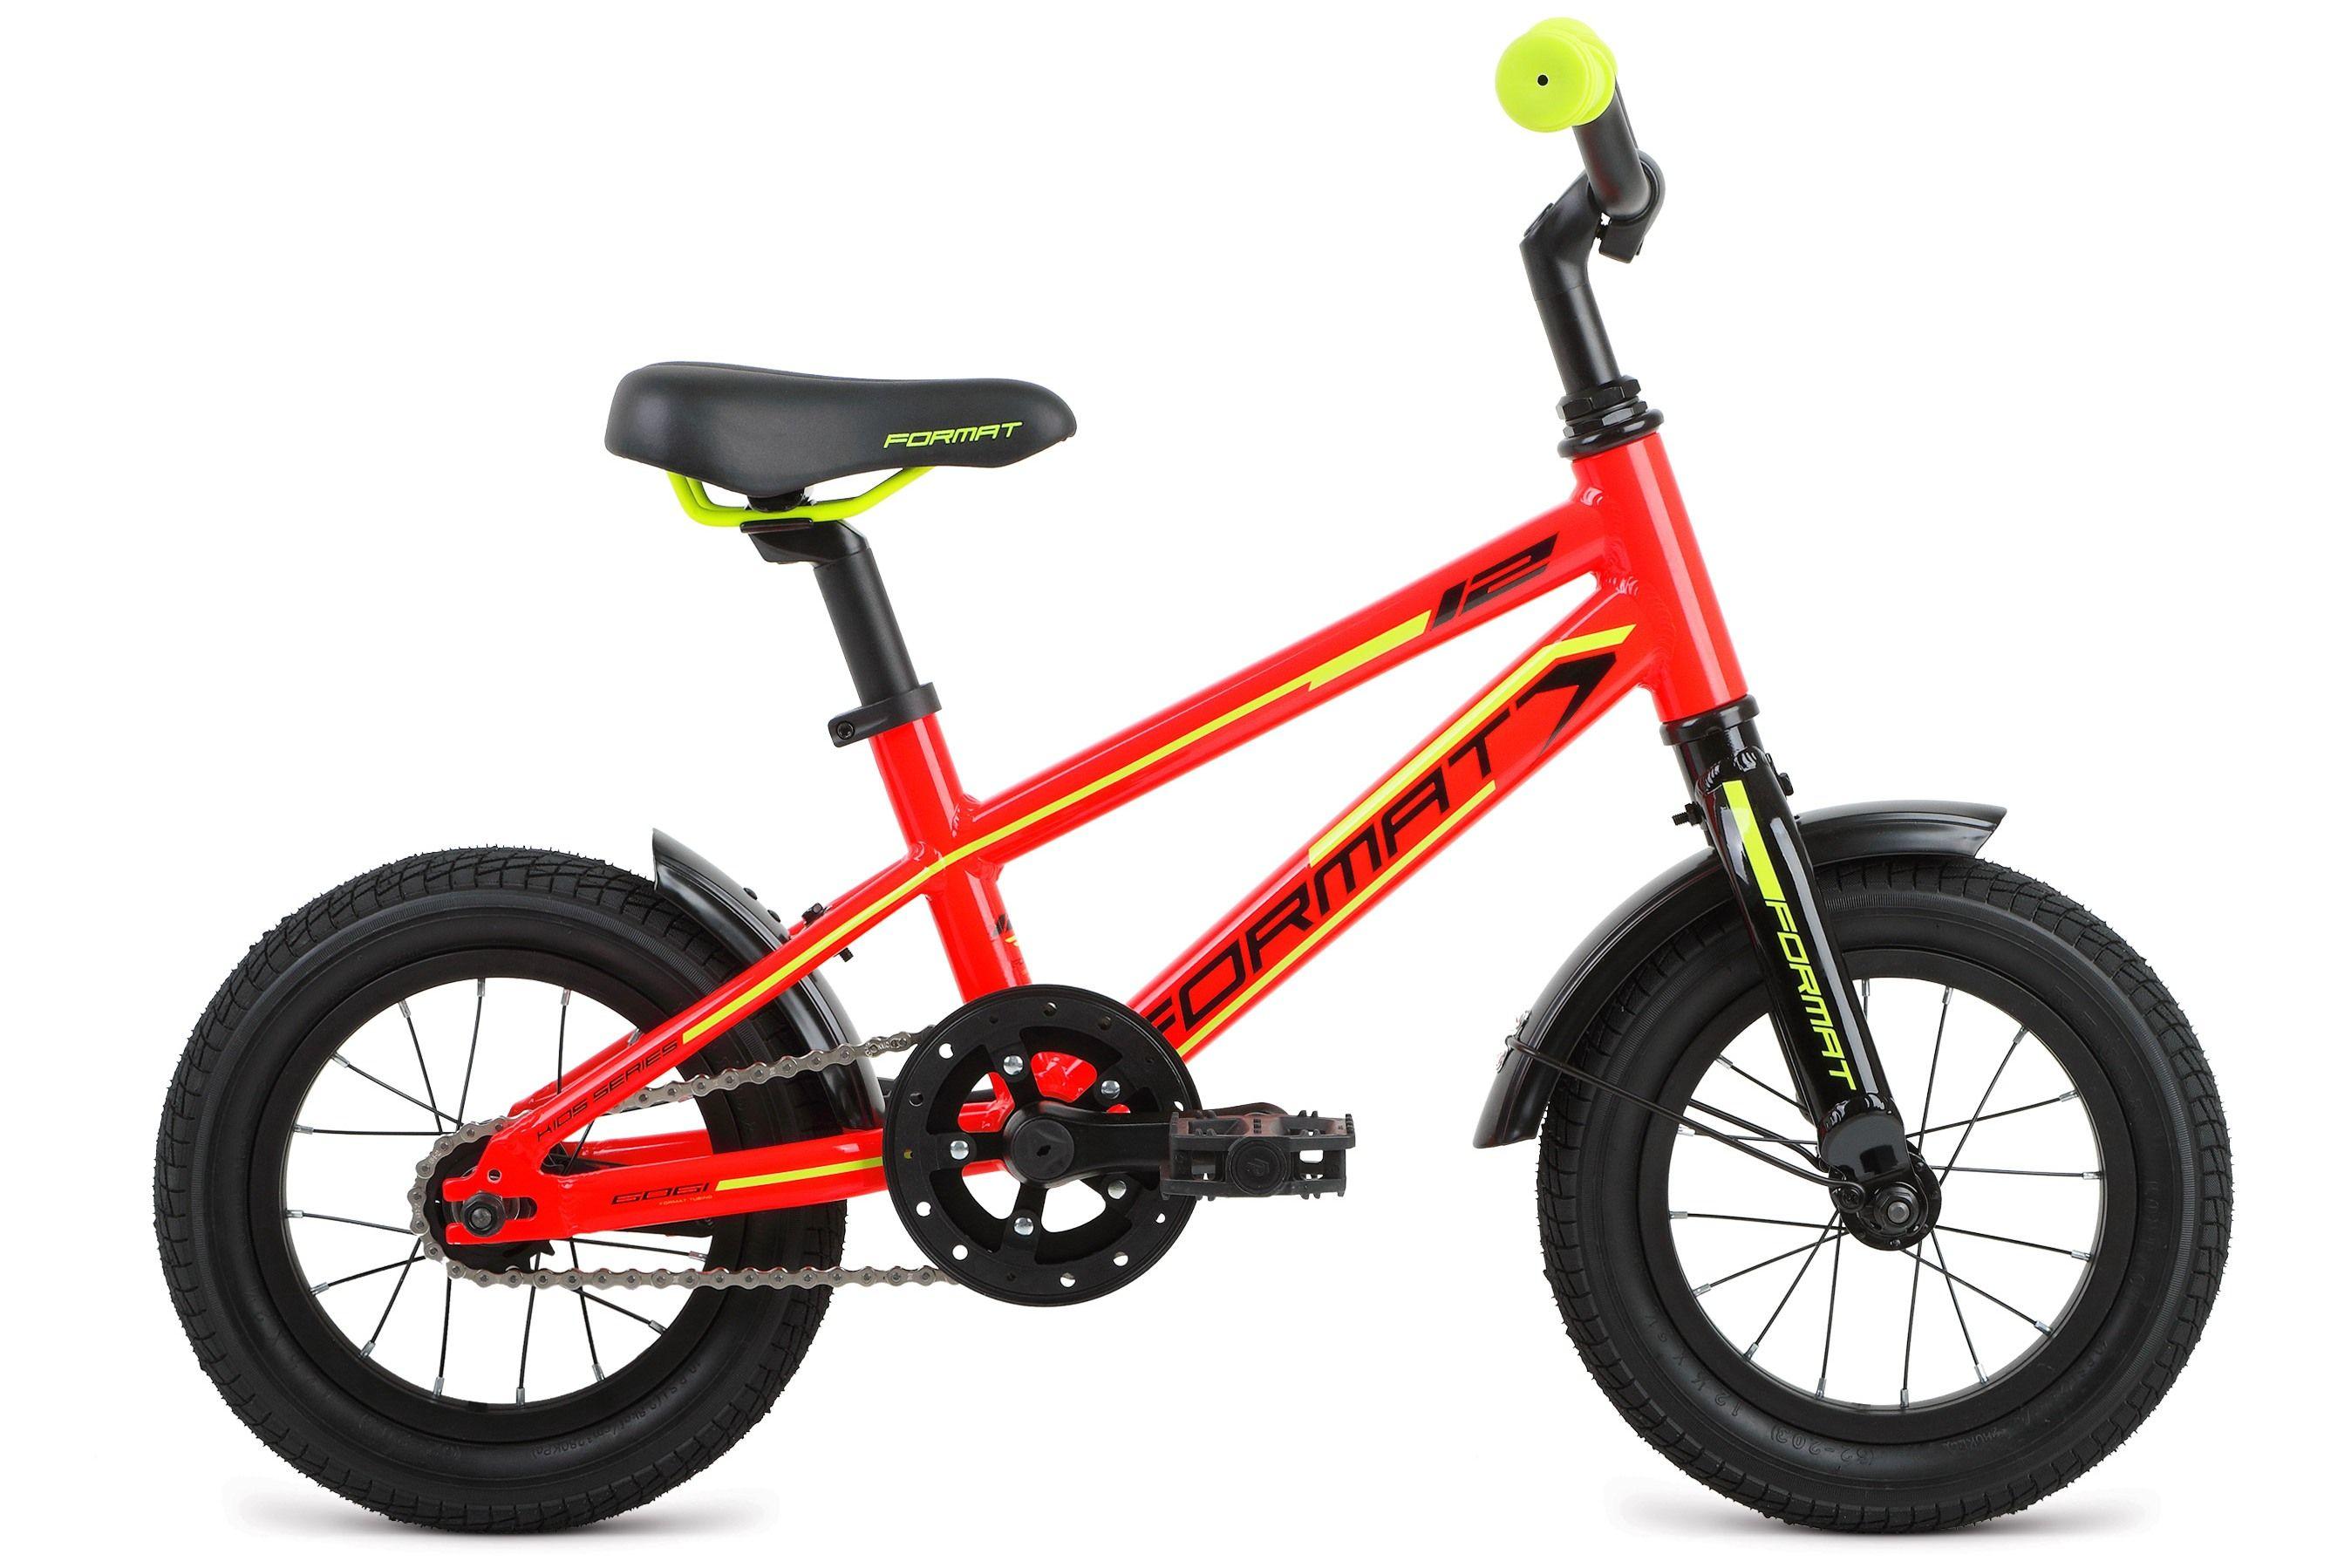 Велосипед Format Boy 12 (2017) красный 7ОТ 1 ДО 3 ЛЕТ (12-14 ДЮЙМОВ)<br><br><br>бренд: FORMAT<br>год: 2017<br>рама: Алюминий (Alloy)<br>вилка: Жесткая (алюминий)<br>блокировка амортизатора: Нет<br>диаметр колес: 12<br>тормоза: Ножной ( Coaster brake)<br>уровень оборудования: Начальный<br>количество скоростей: 1<br>Цвет: красный<br>Размер: 7